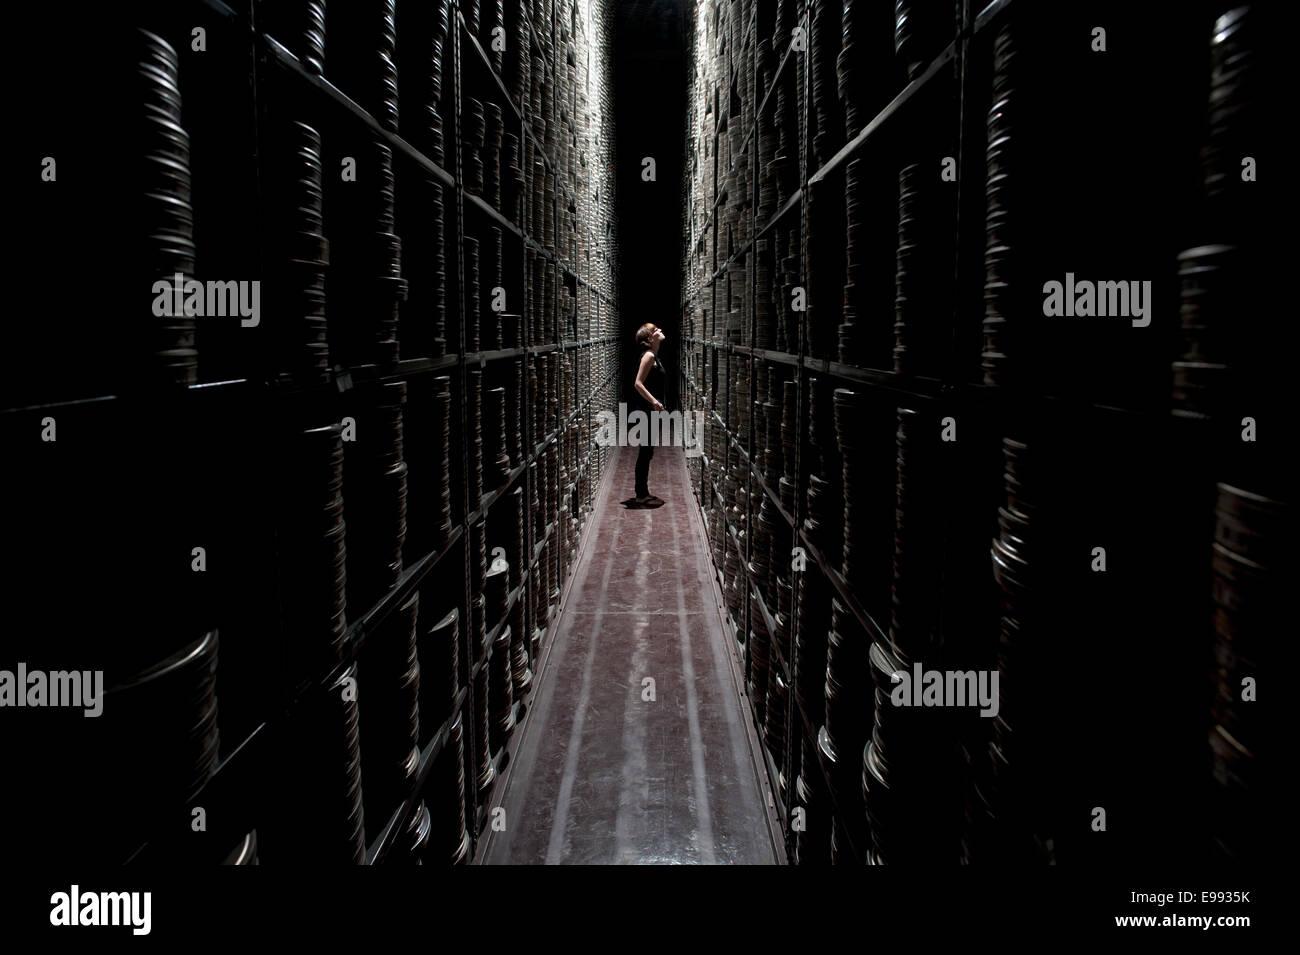 Porträt der weiblichen Mitarbeiter im Archiv BFI mit Lagerung Regale voller Filmrollen / Kartons Gehäuse Stockbild